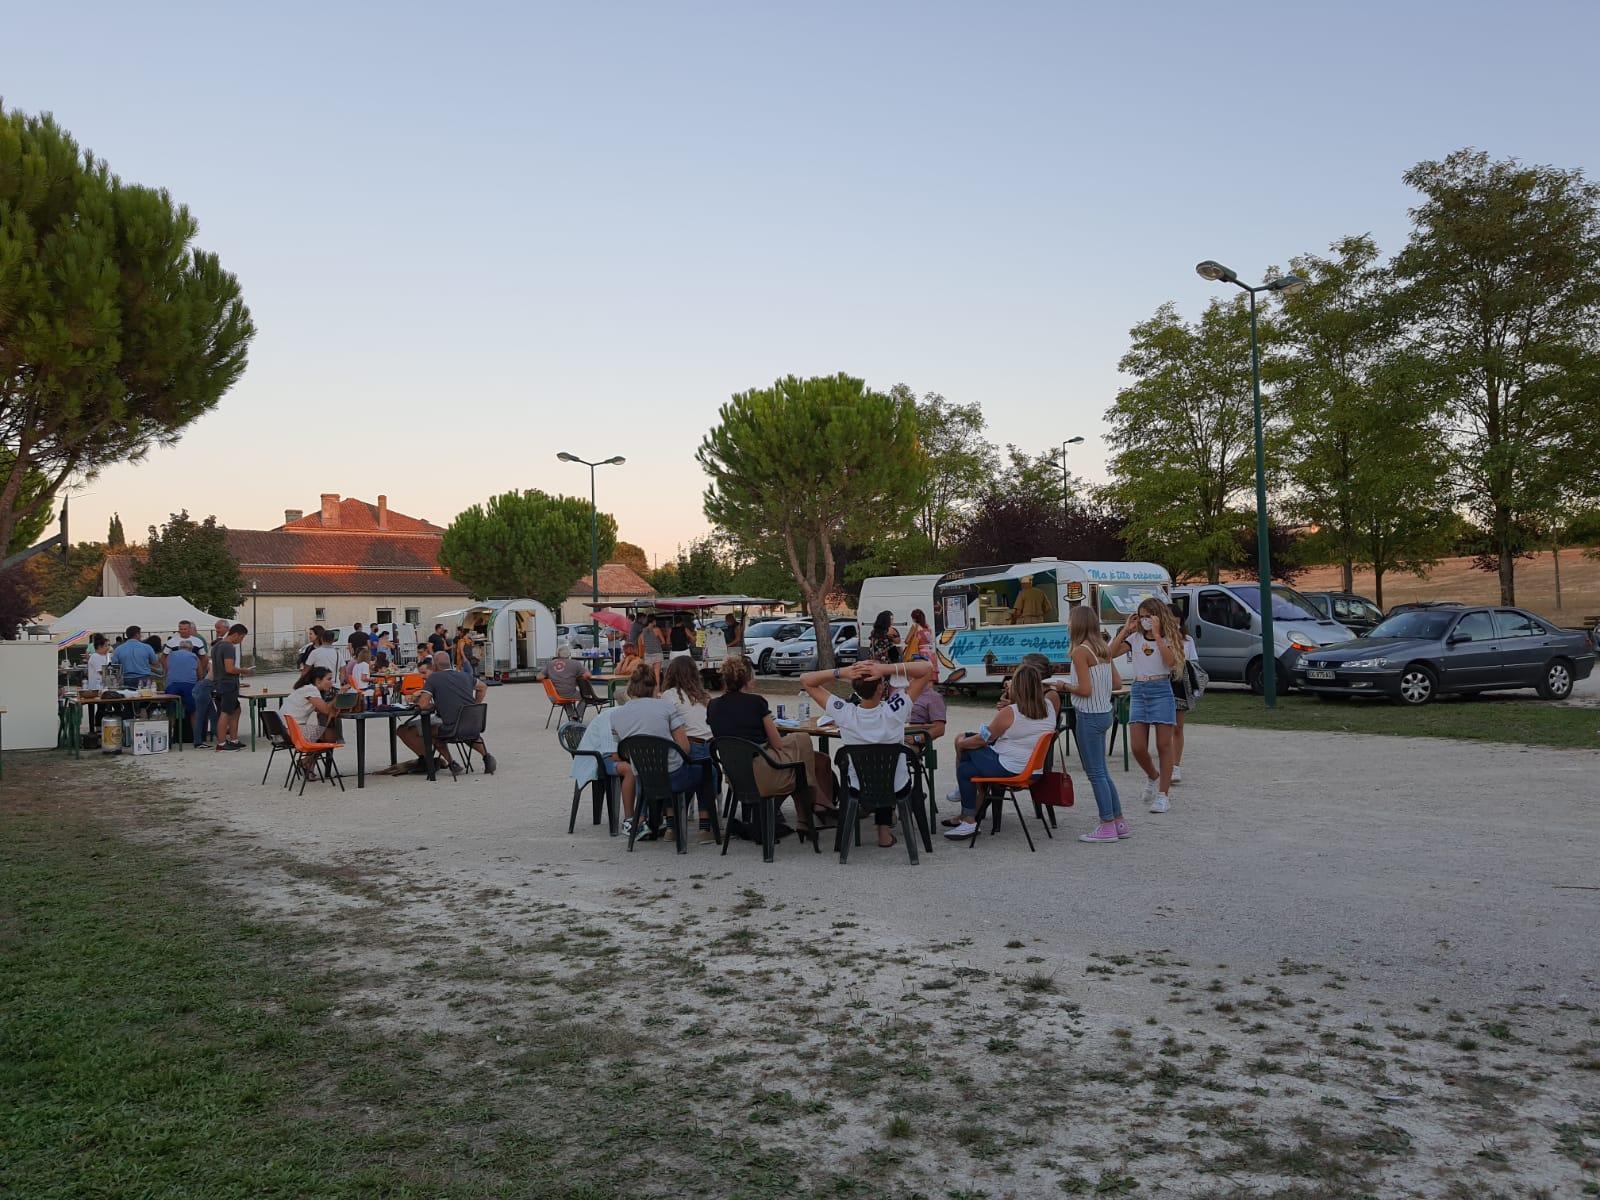 Premier marché gourmand de Fouquebrune - 4 septembre 2020